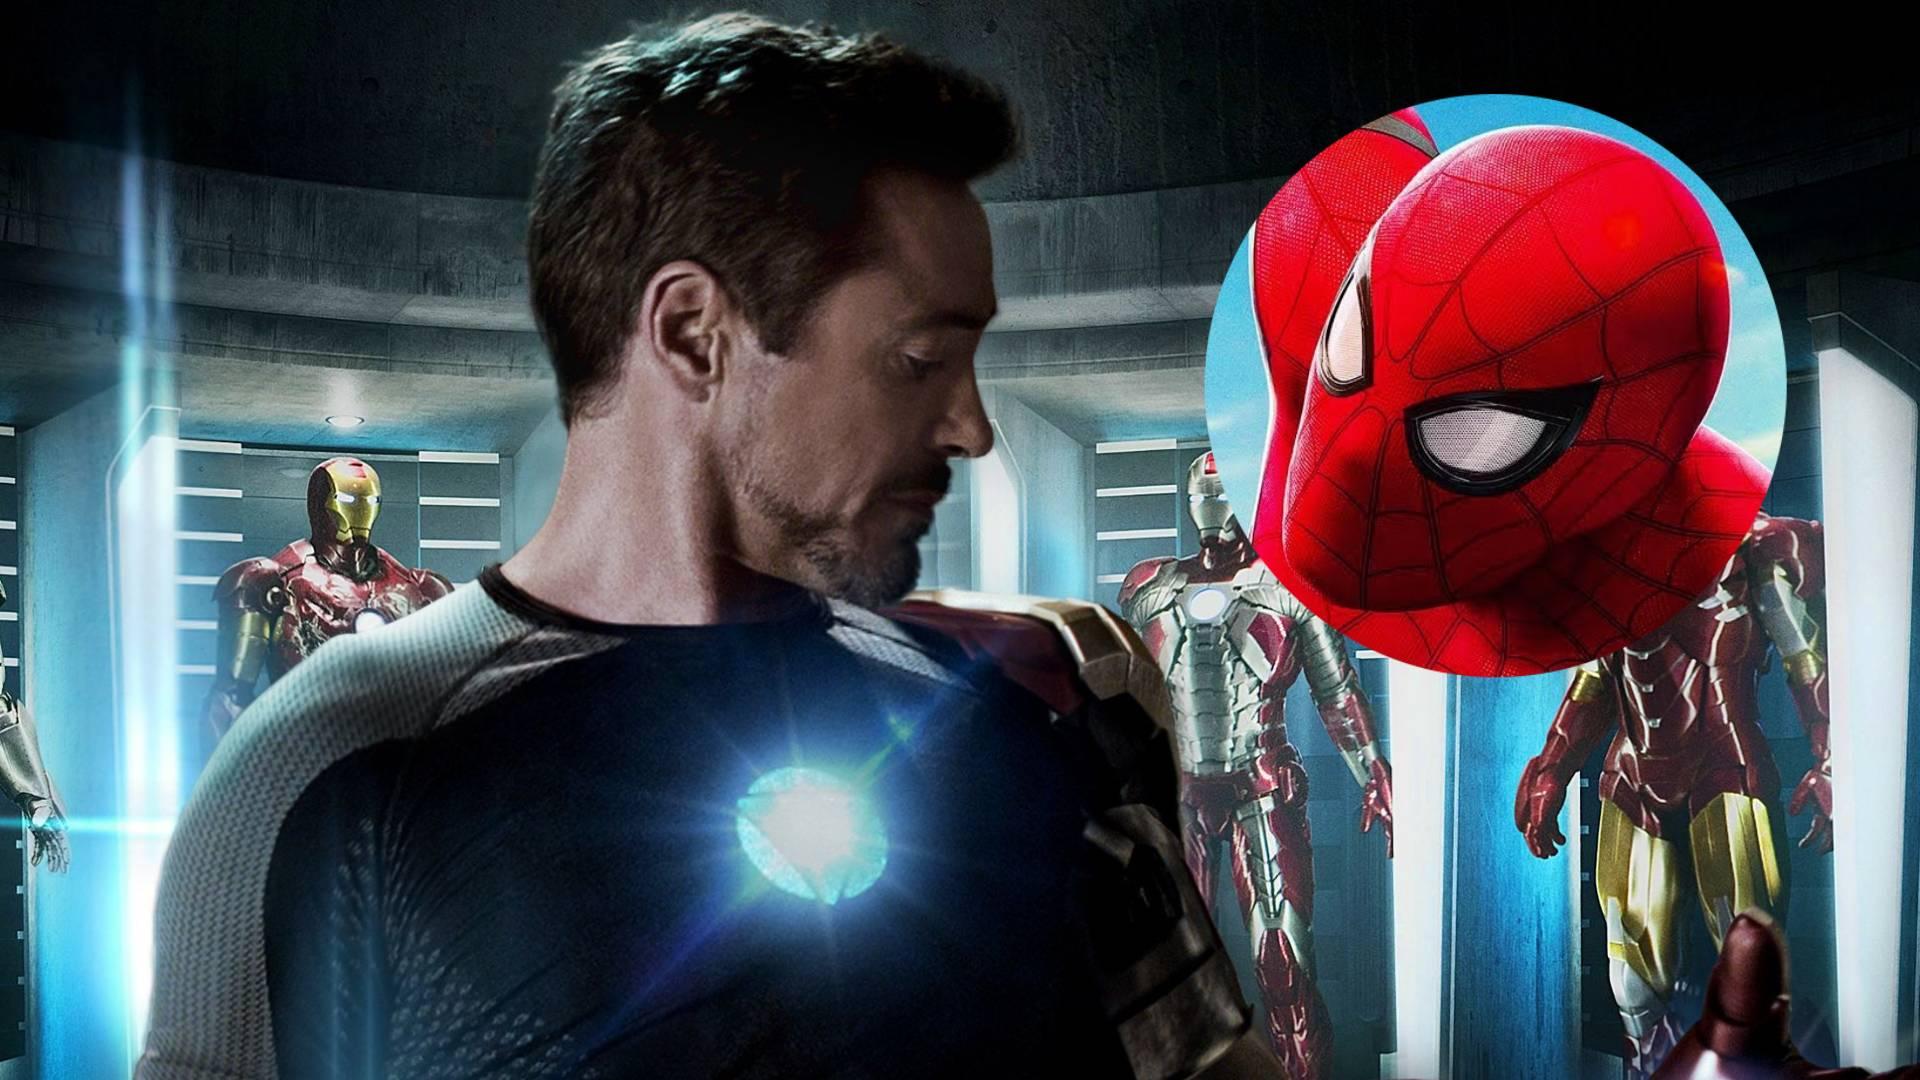 Fotografía de Robert Downey Jr. como Tony Stark y Spider-Man